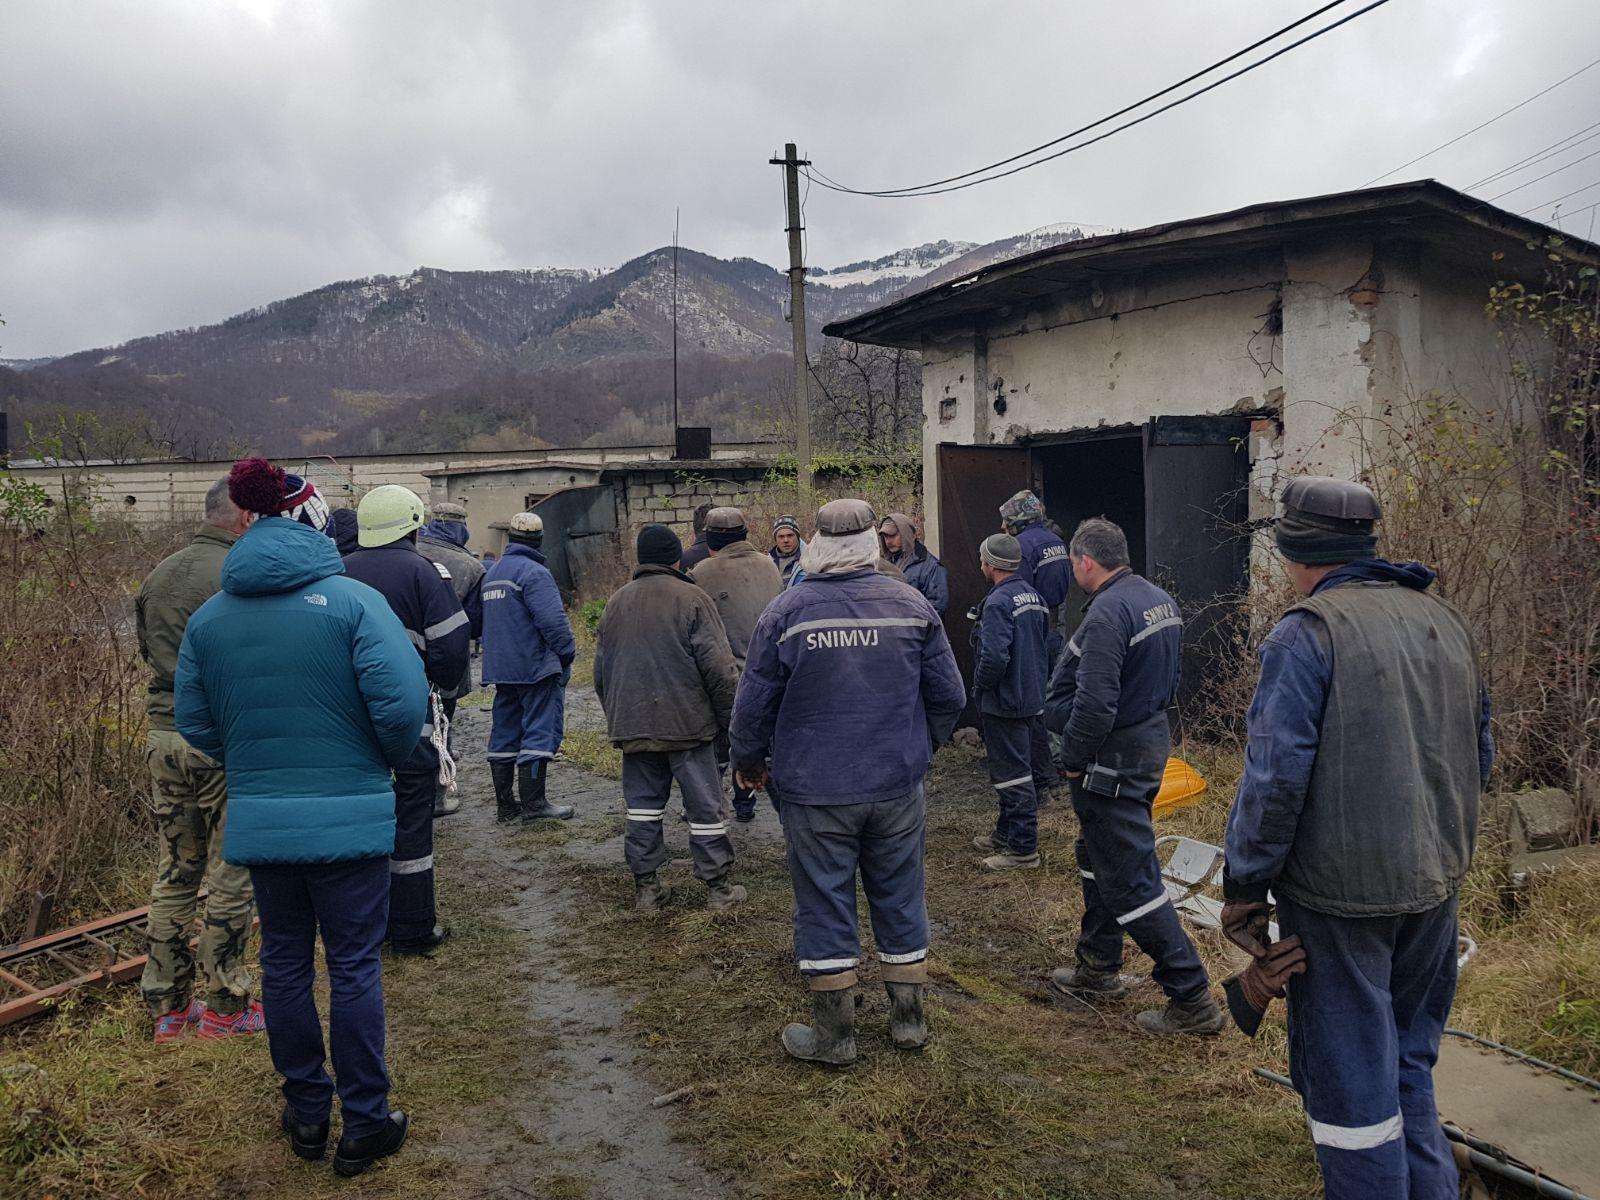 Unul dintre cei trei mineri, victime ale accidentului de la Mina Uricani din 30 octombrie, a murit în această dimineaţă la Spitalul de Arşi din Bucureşti